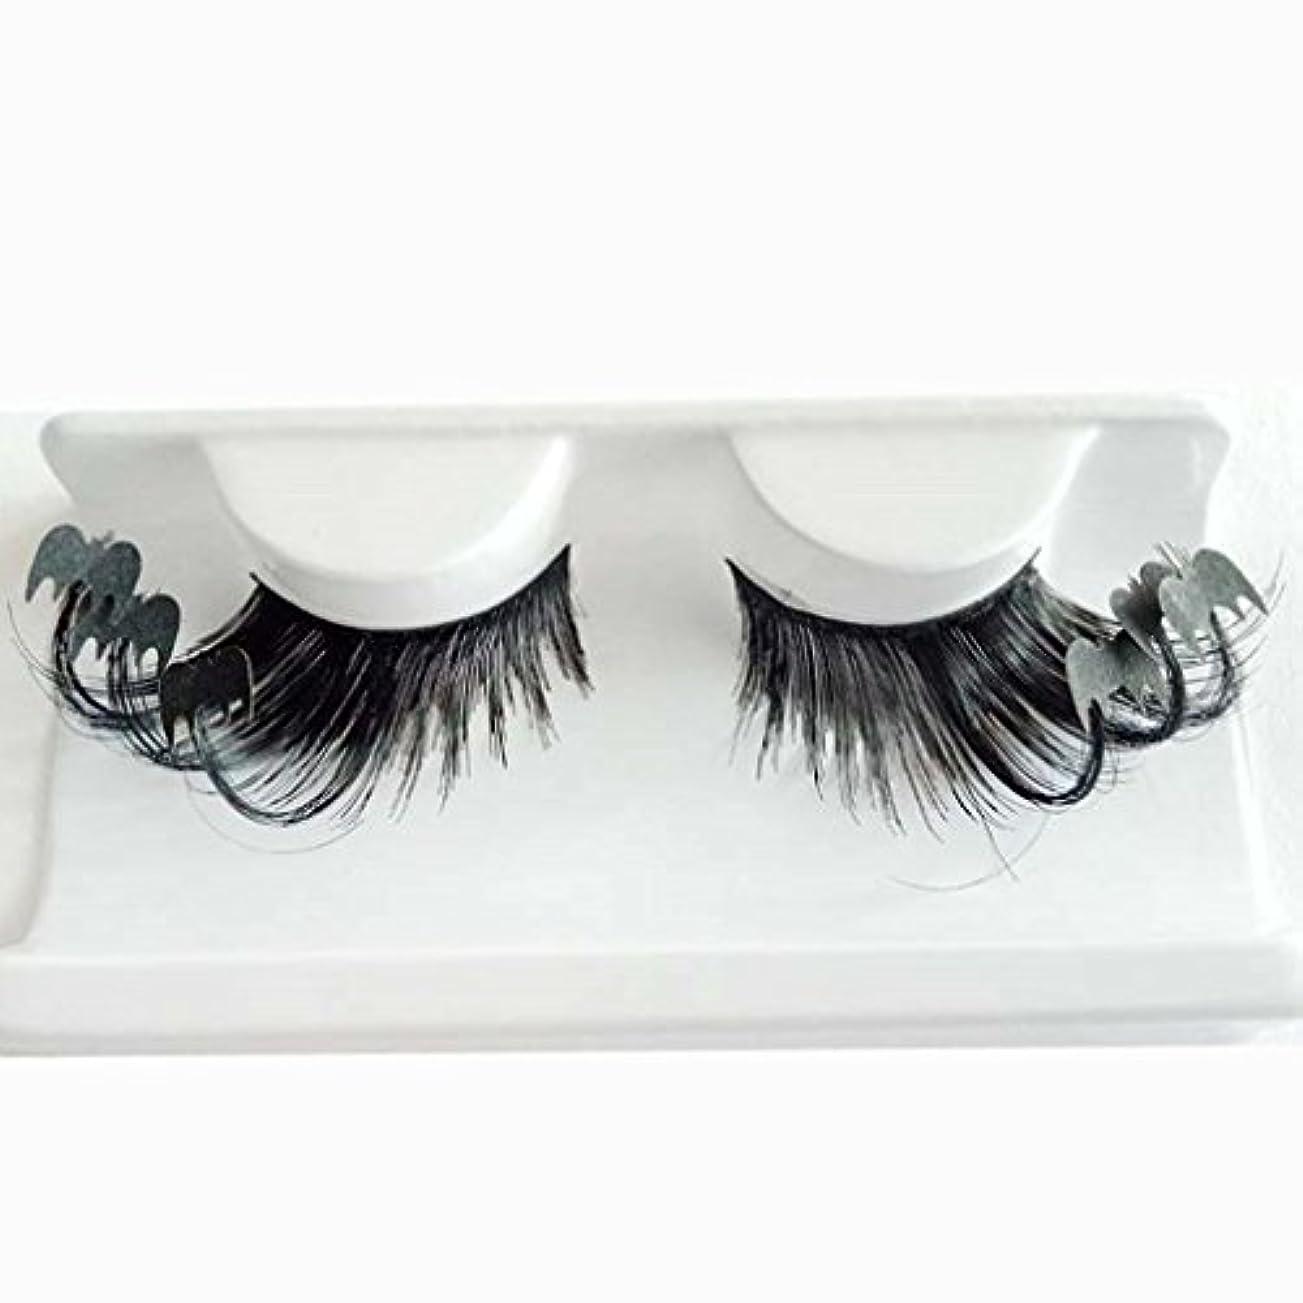 占めるいくつかのぴったりFeteso 1組 つけまつげ 上まつげ Eyelashes アイラッシュ ビューティー まつげエクステ レディース 化粧ツール アイメイクアップ 人気 ナチュラル 飾り 濃密 柔らかい プレゼント